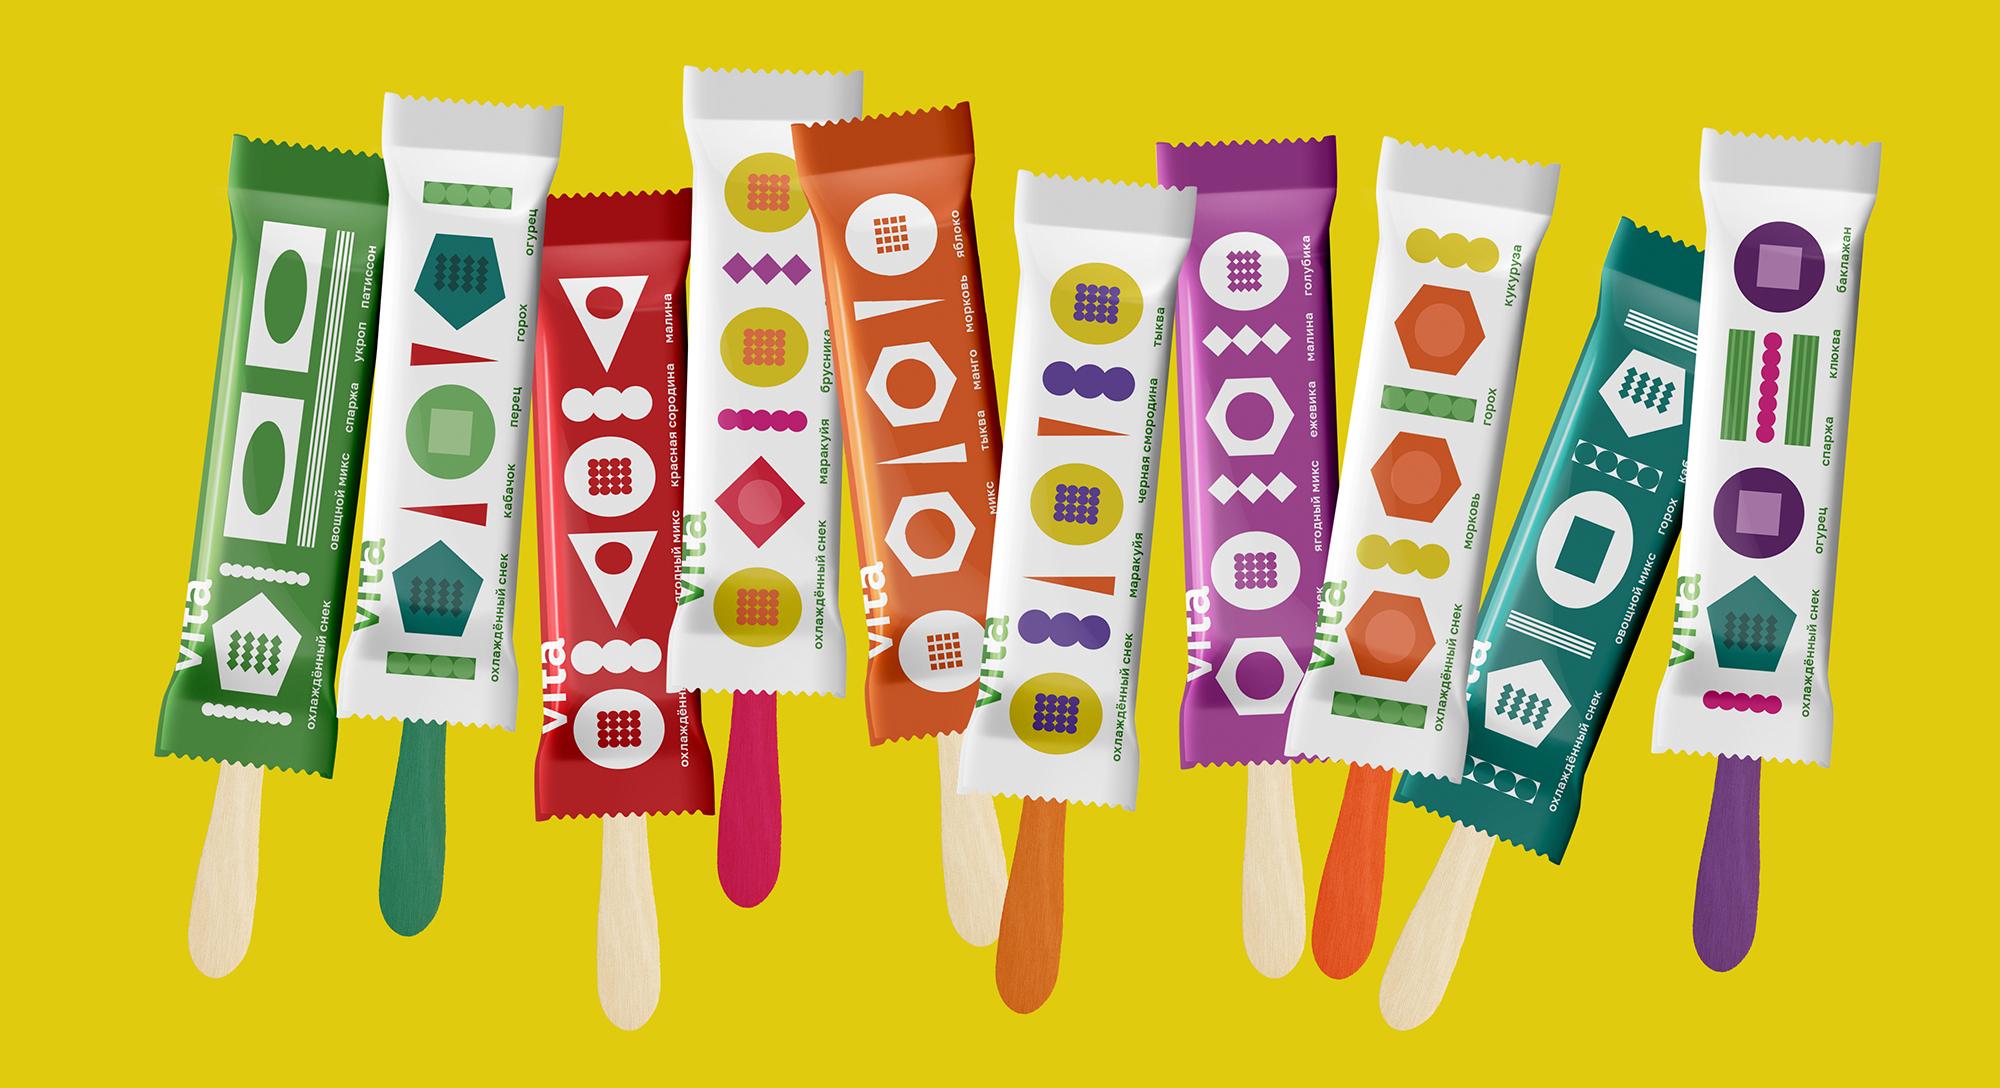 Packaging Brand Design for Vita Fruit and Vegetable Snacks by Ekaterina Torokhova